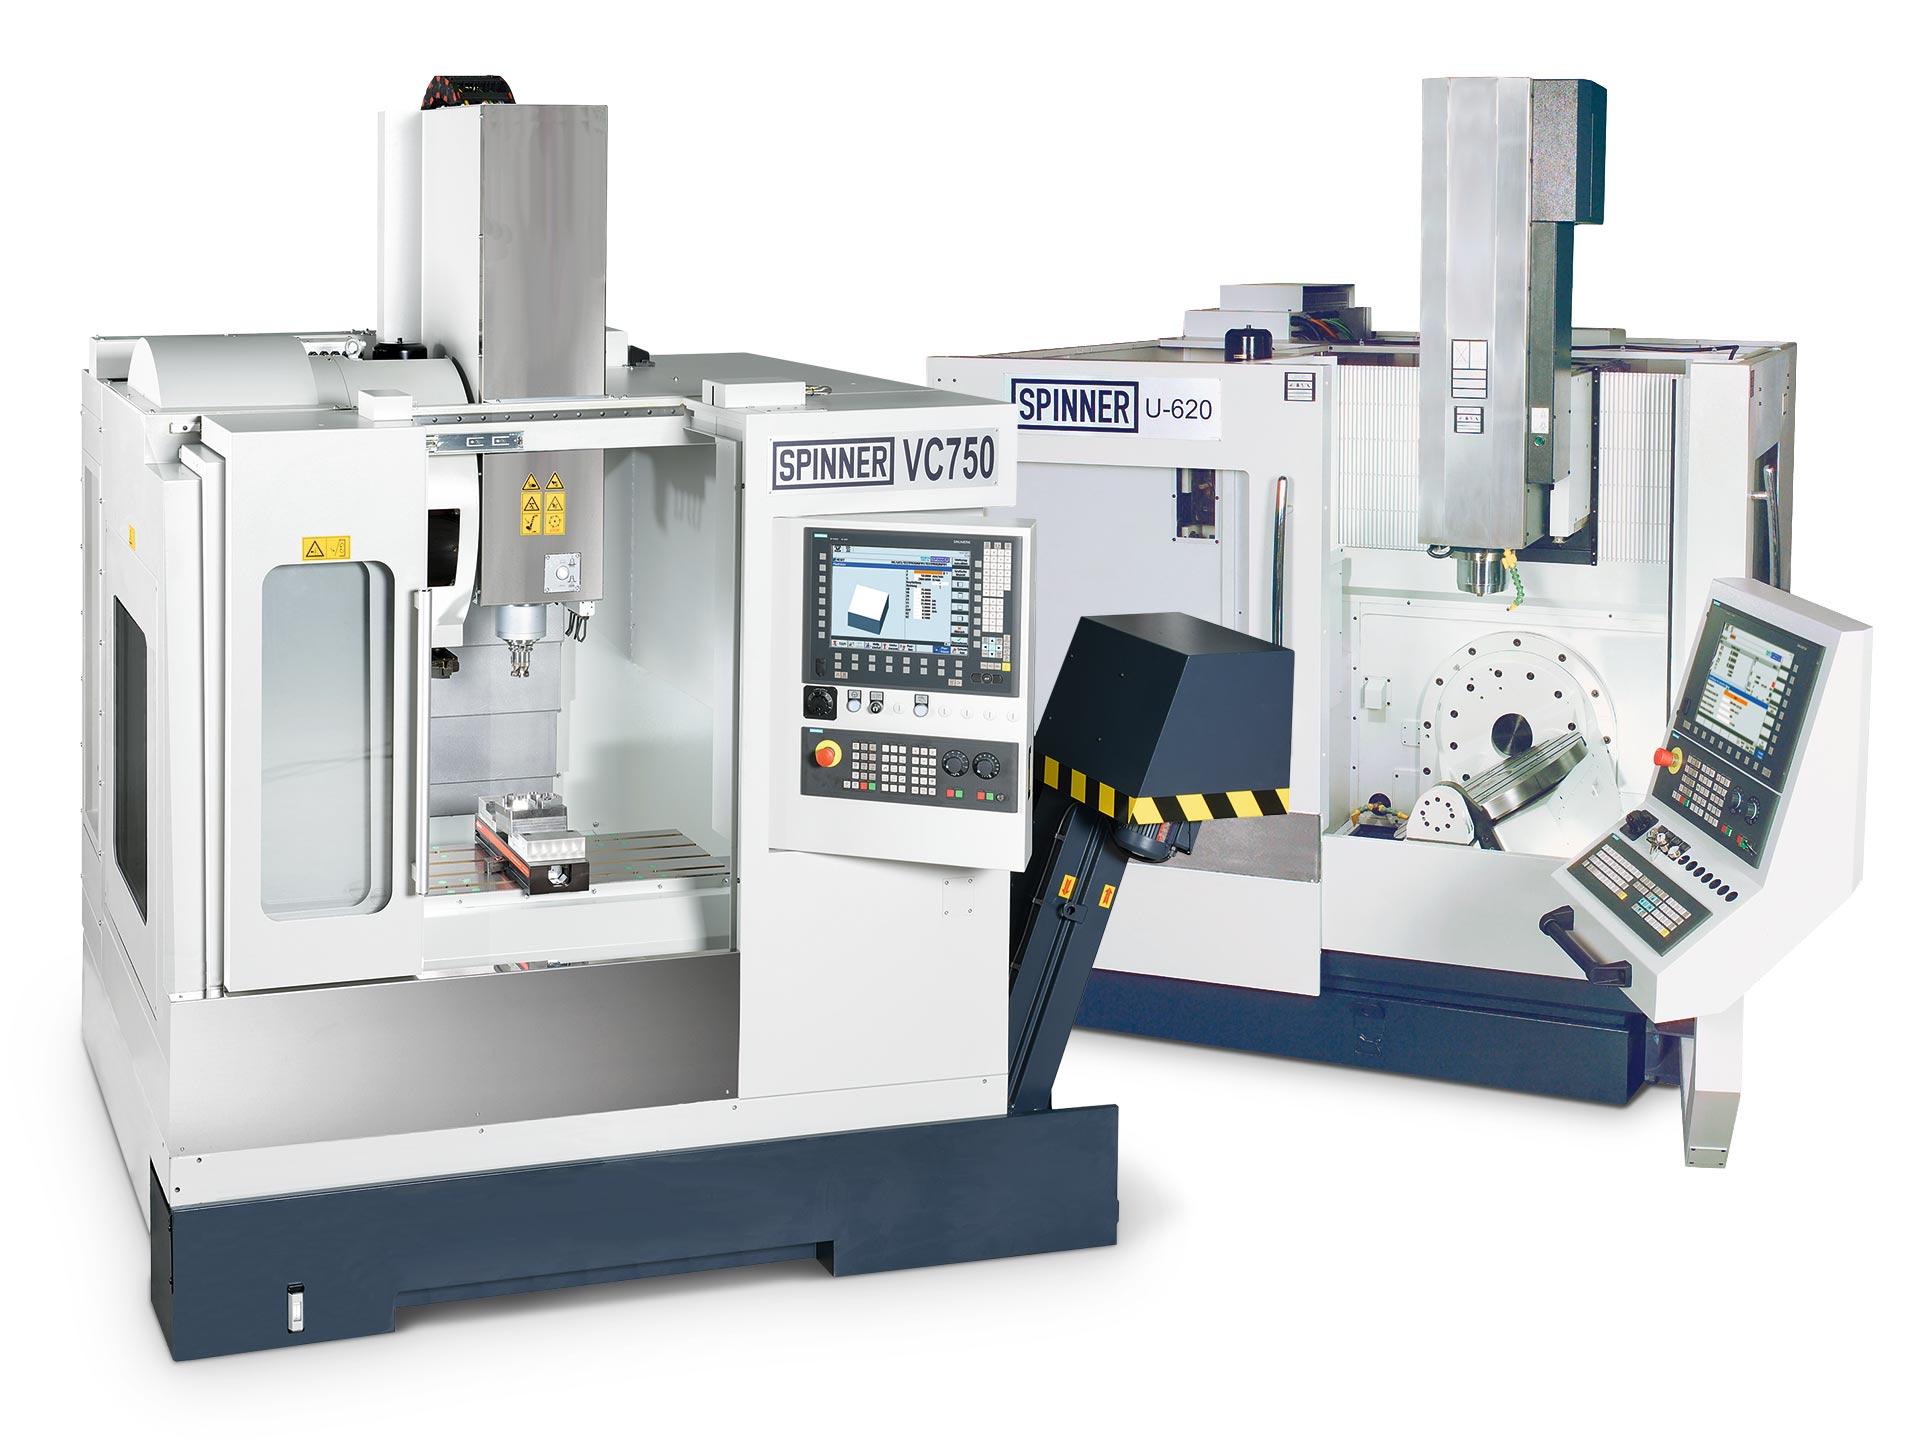 Spinner AG - Spinner U5-620 Compact und VC750 mit Siemens Sinumerik 840D sl